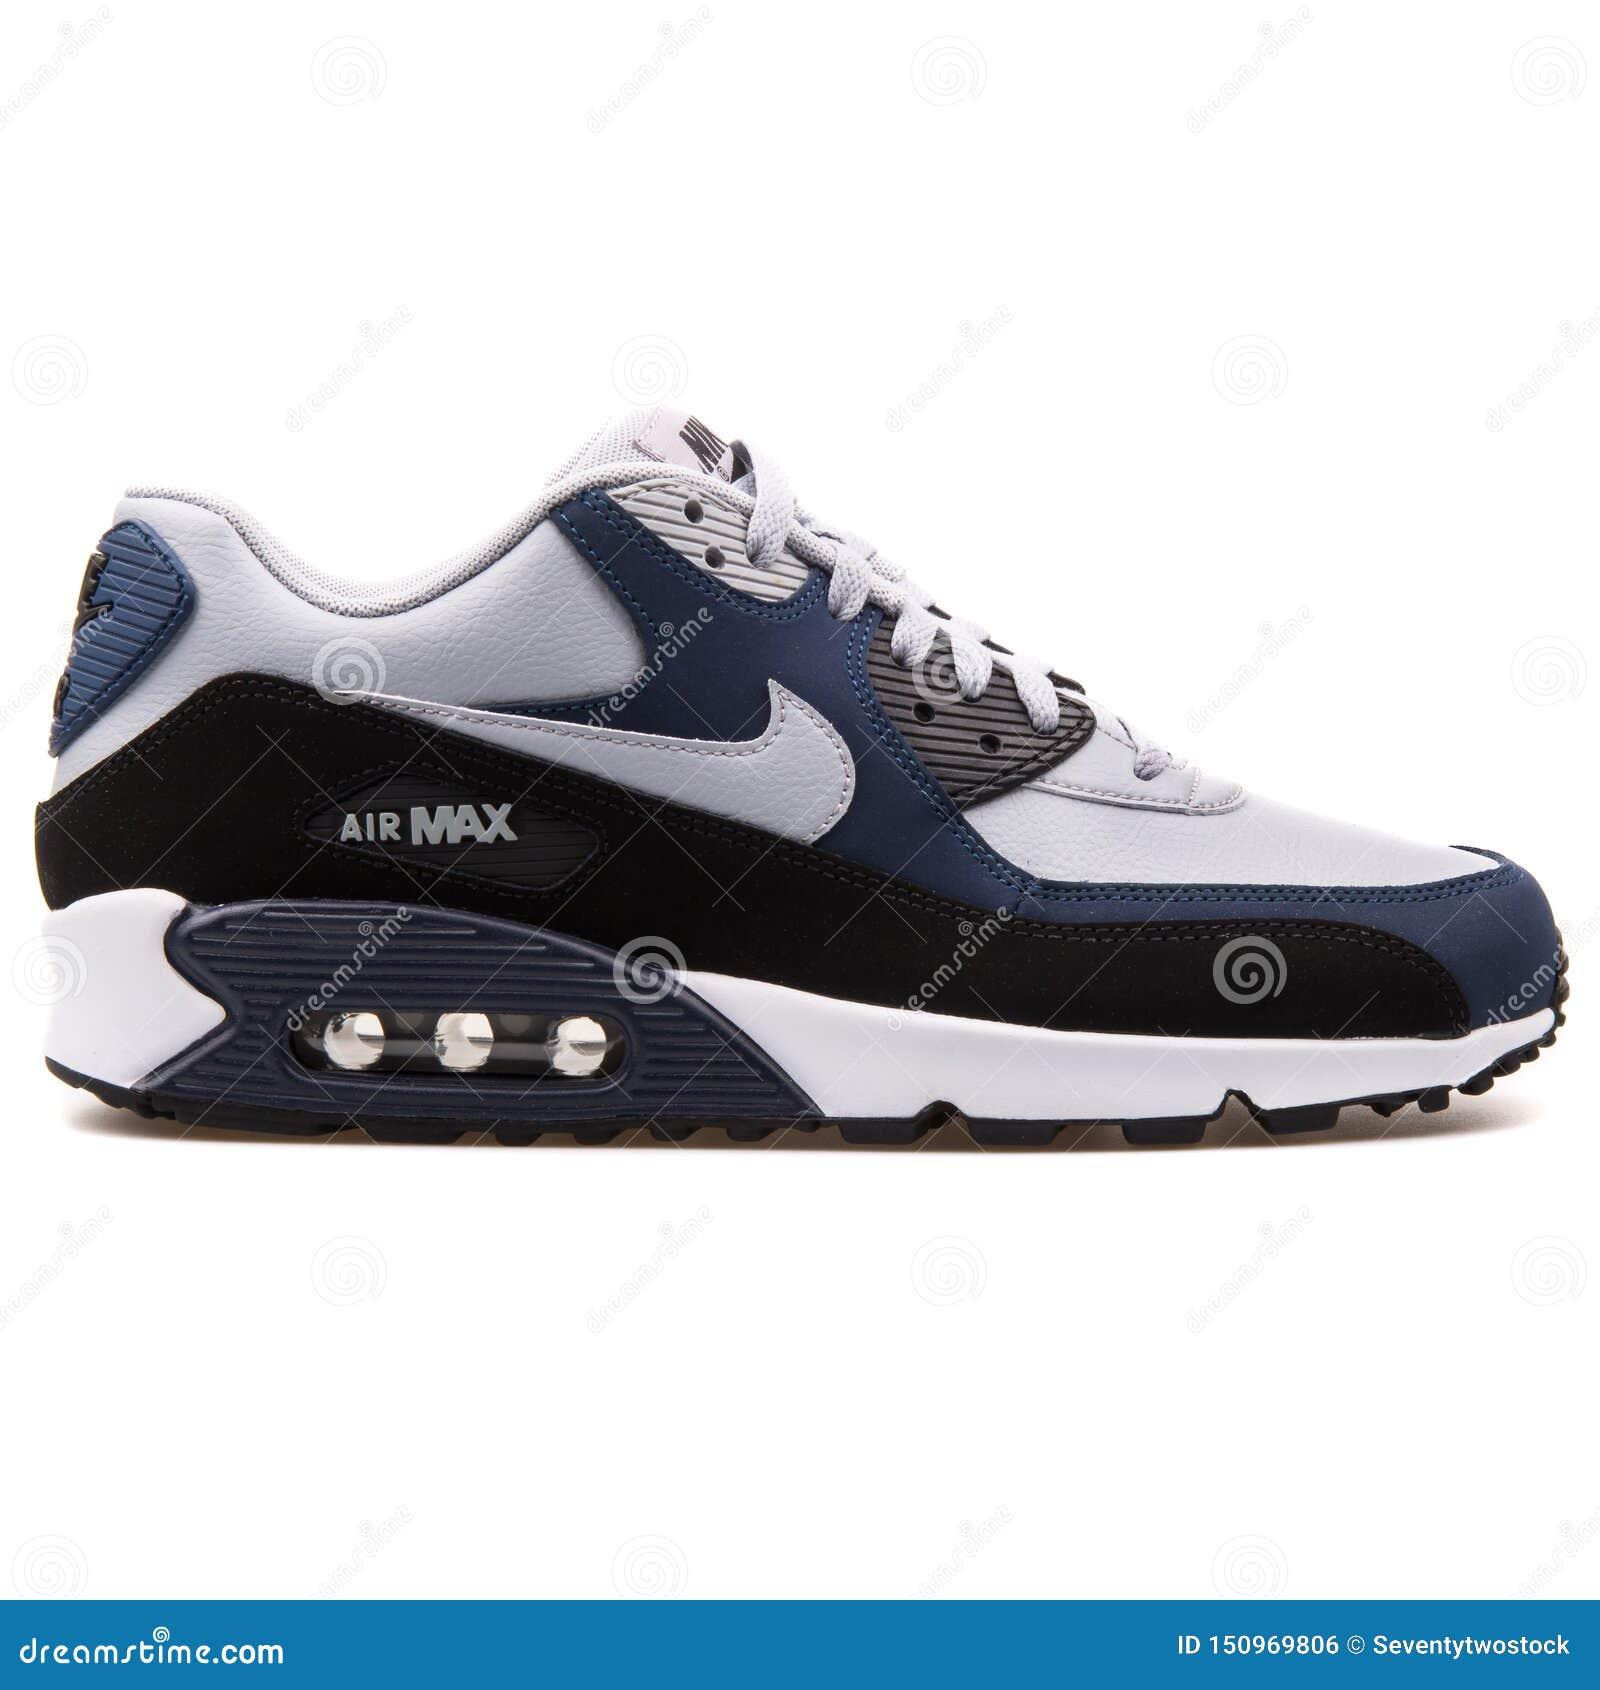 Nike NIKE Air Max 90 Lady's sneakers AIR MAX 90 SE MESH GS